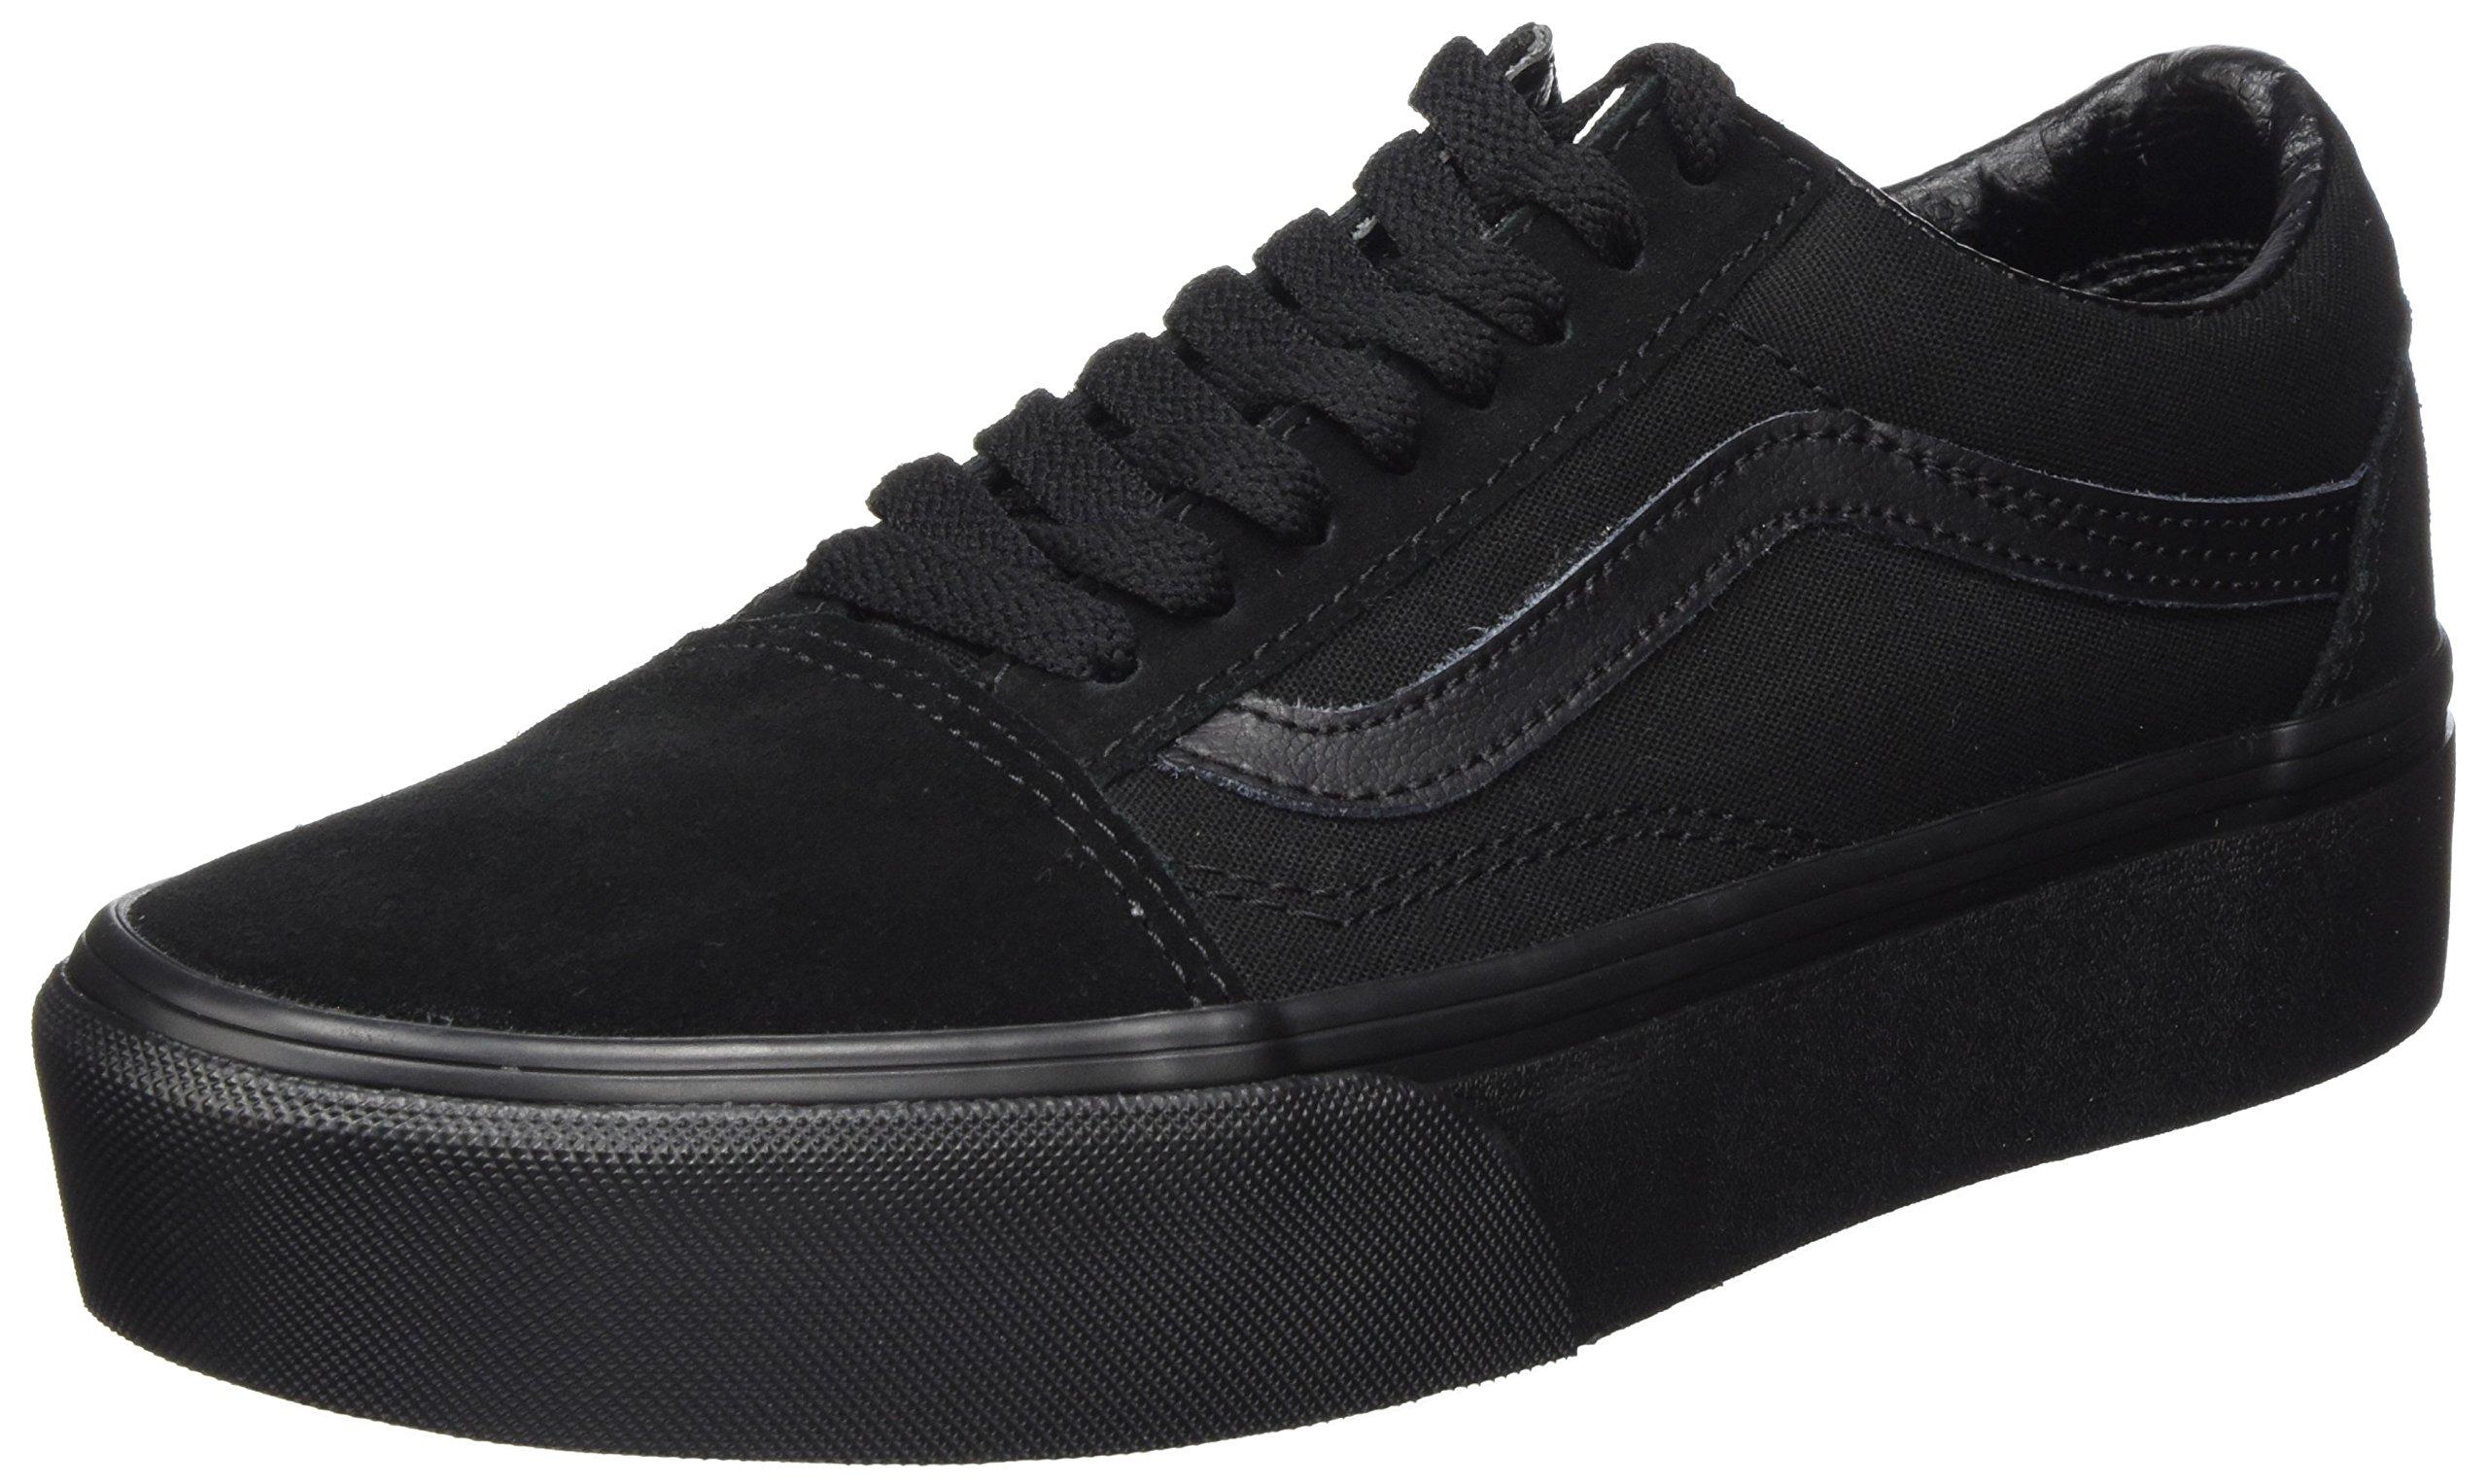 4c792eca61b Galleon - VANS Old Skool Platform Sneaker Skate Canvas